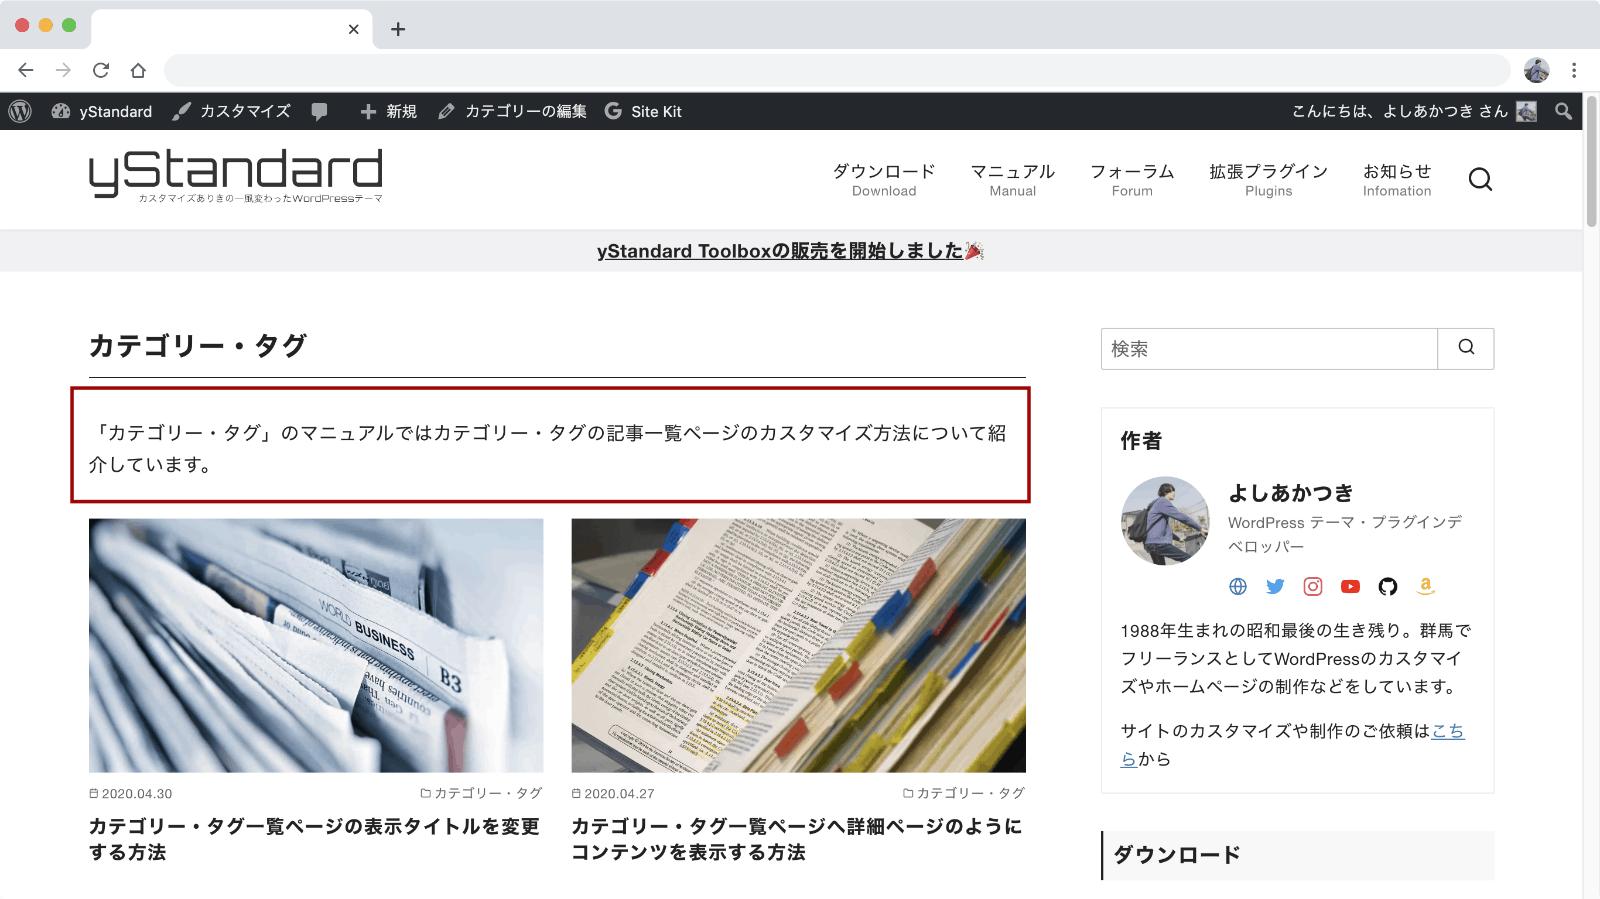 作成したパーツの内容が一覧ページに表示されているか確認する